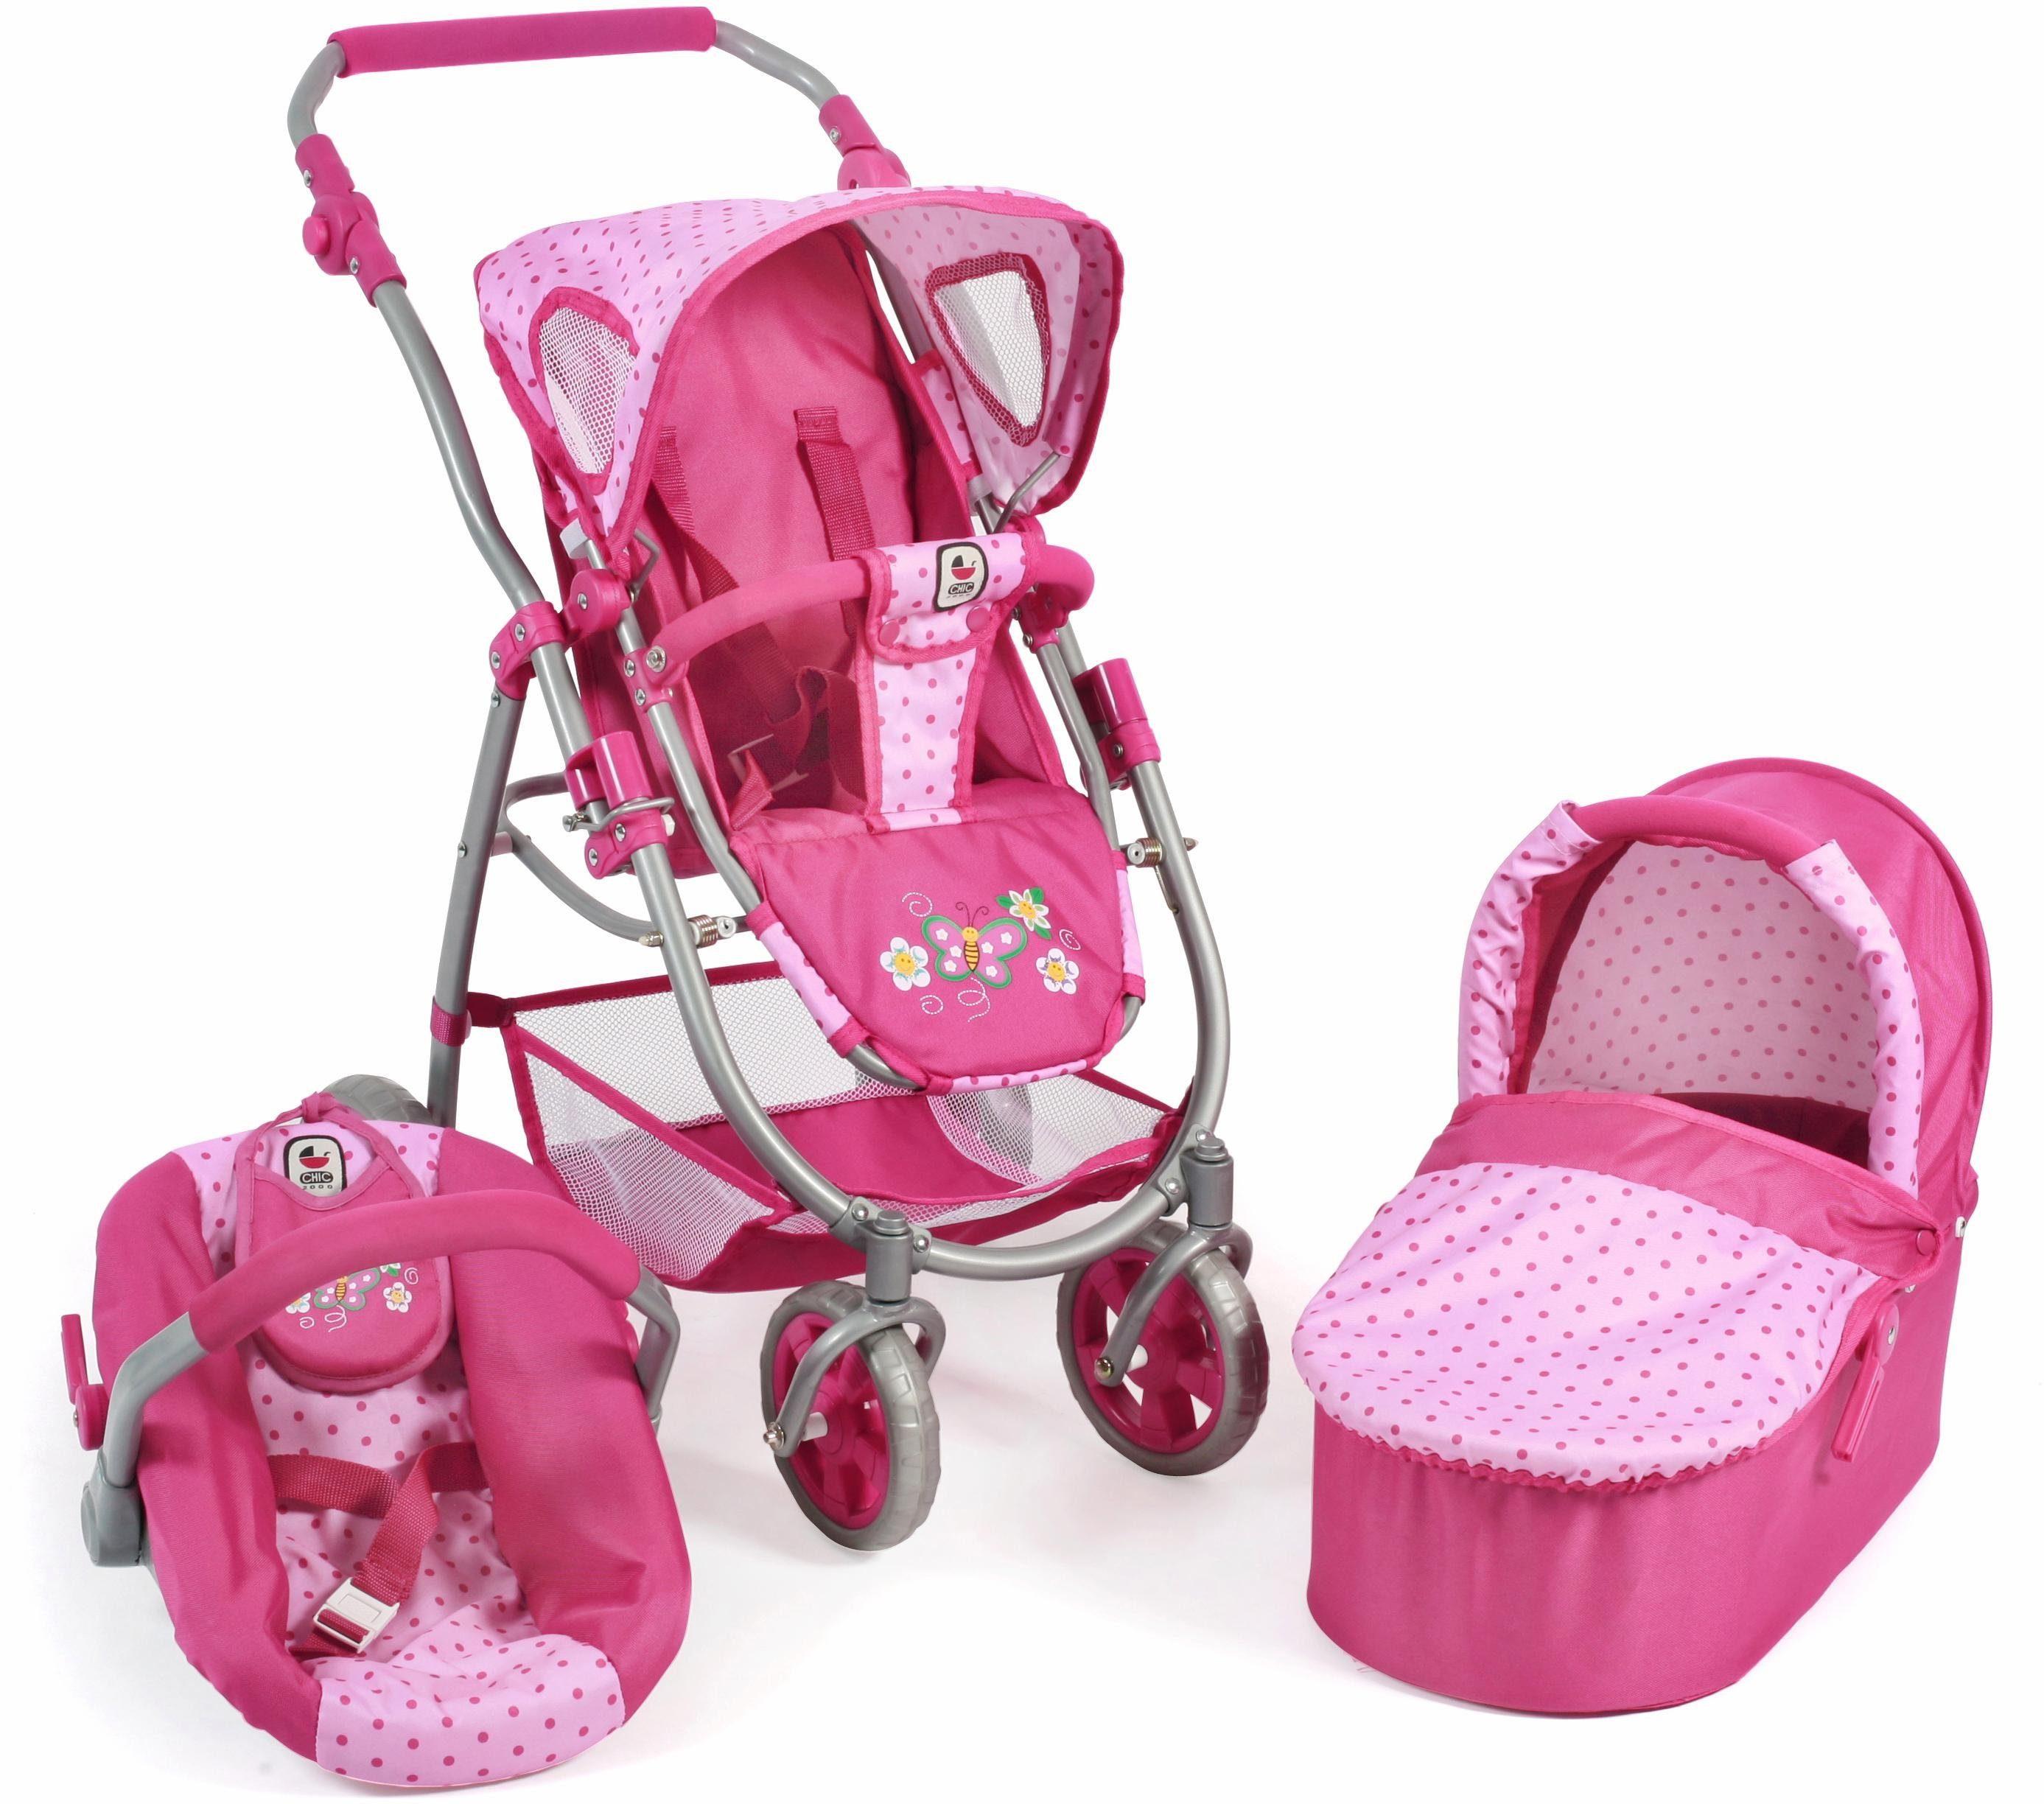 CHIC2000 Kombi Puppenwagen m. Babywanne, Puppen-Autositz u. Sportwagenaufsatz, »Emotion 3in1, pink«